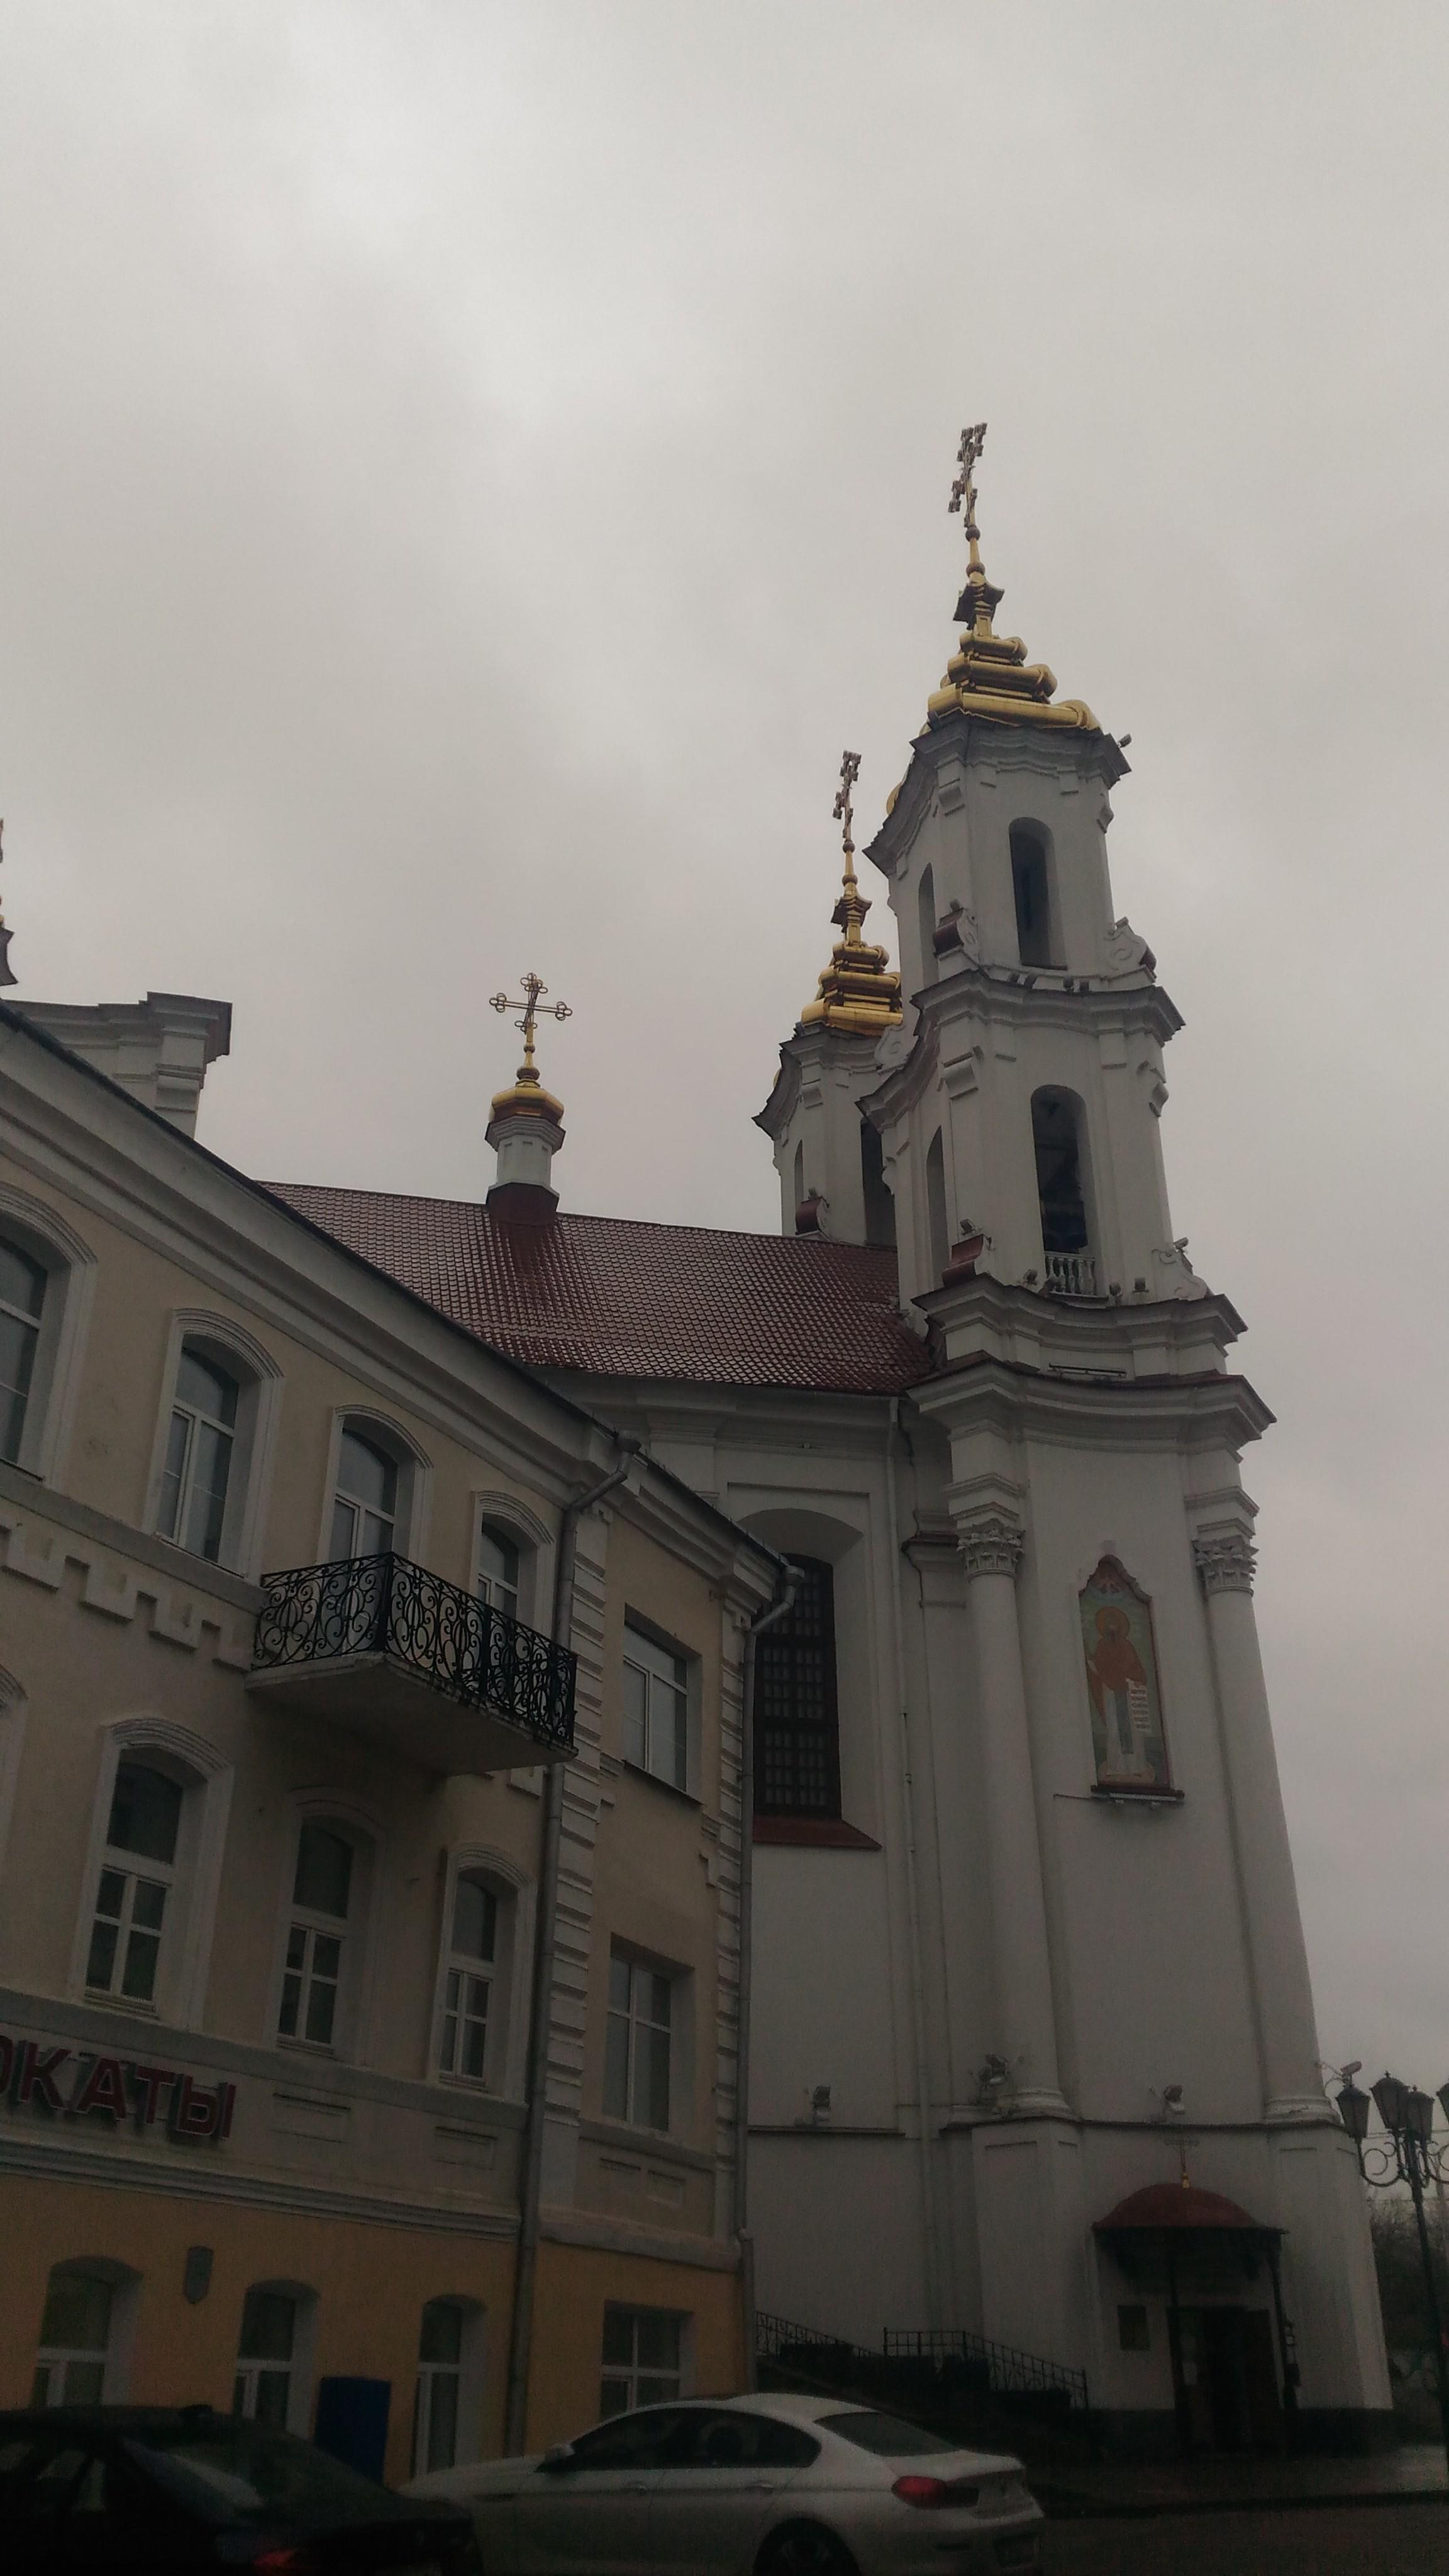 P 20191109 110343 1 - Свято-Воскресенская церковь в Витебске